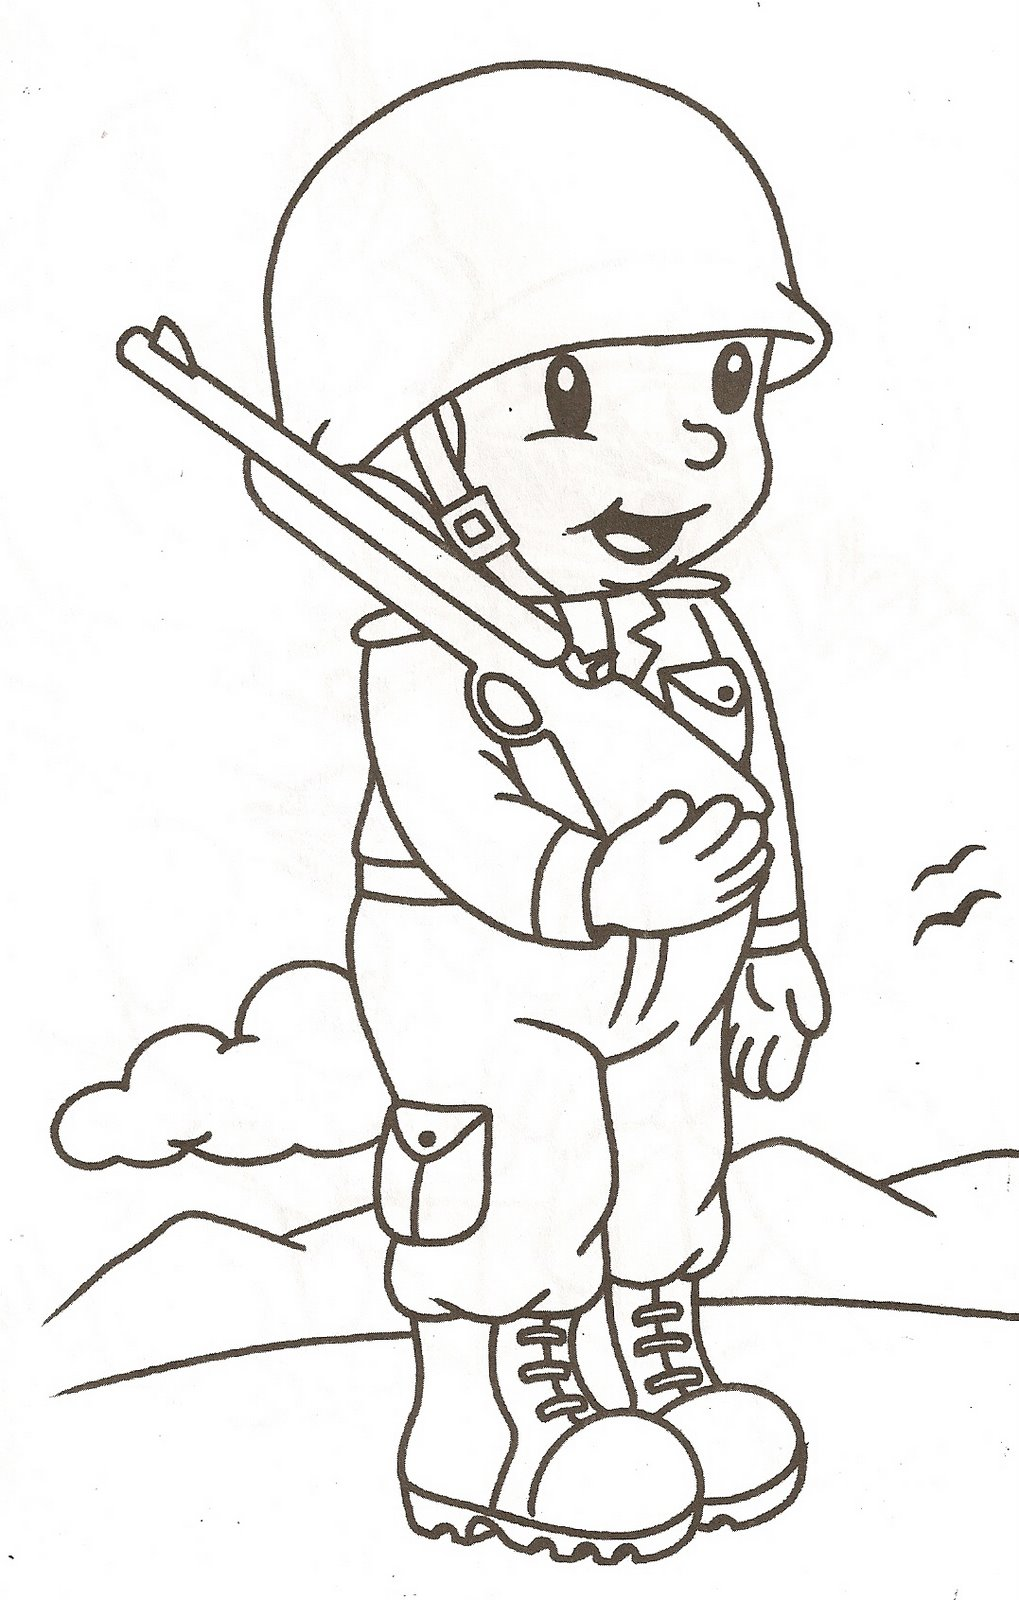 Dibujos para colorear de soldados - Dibujos de cocineros para colorear ...